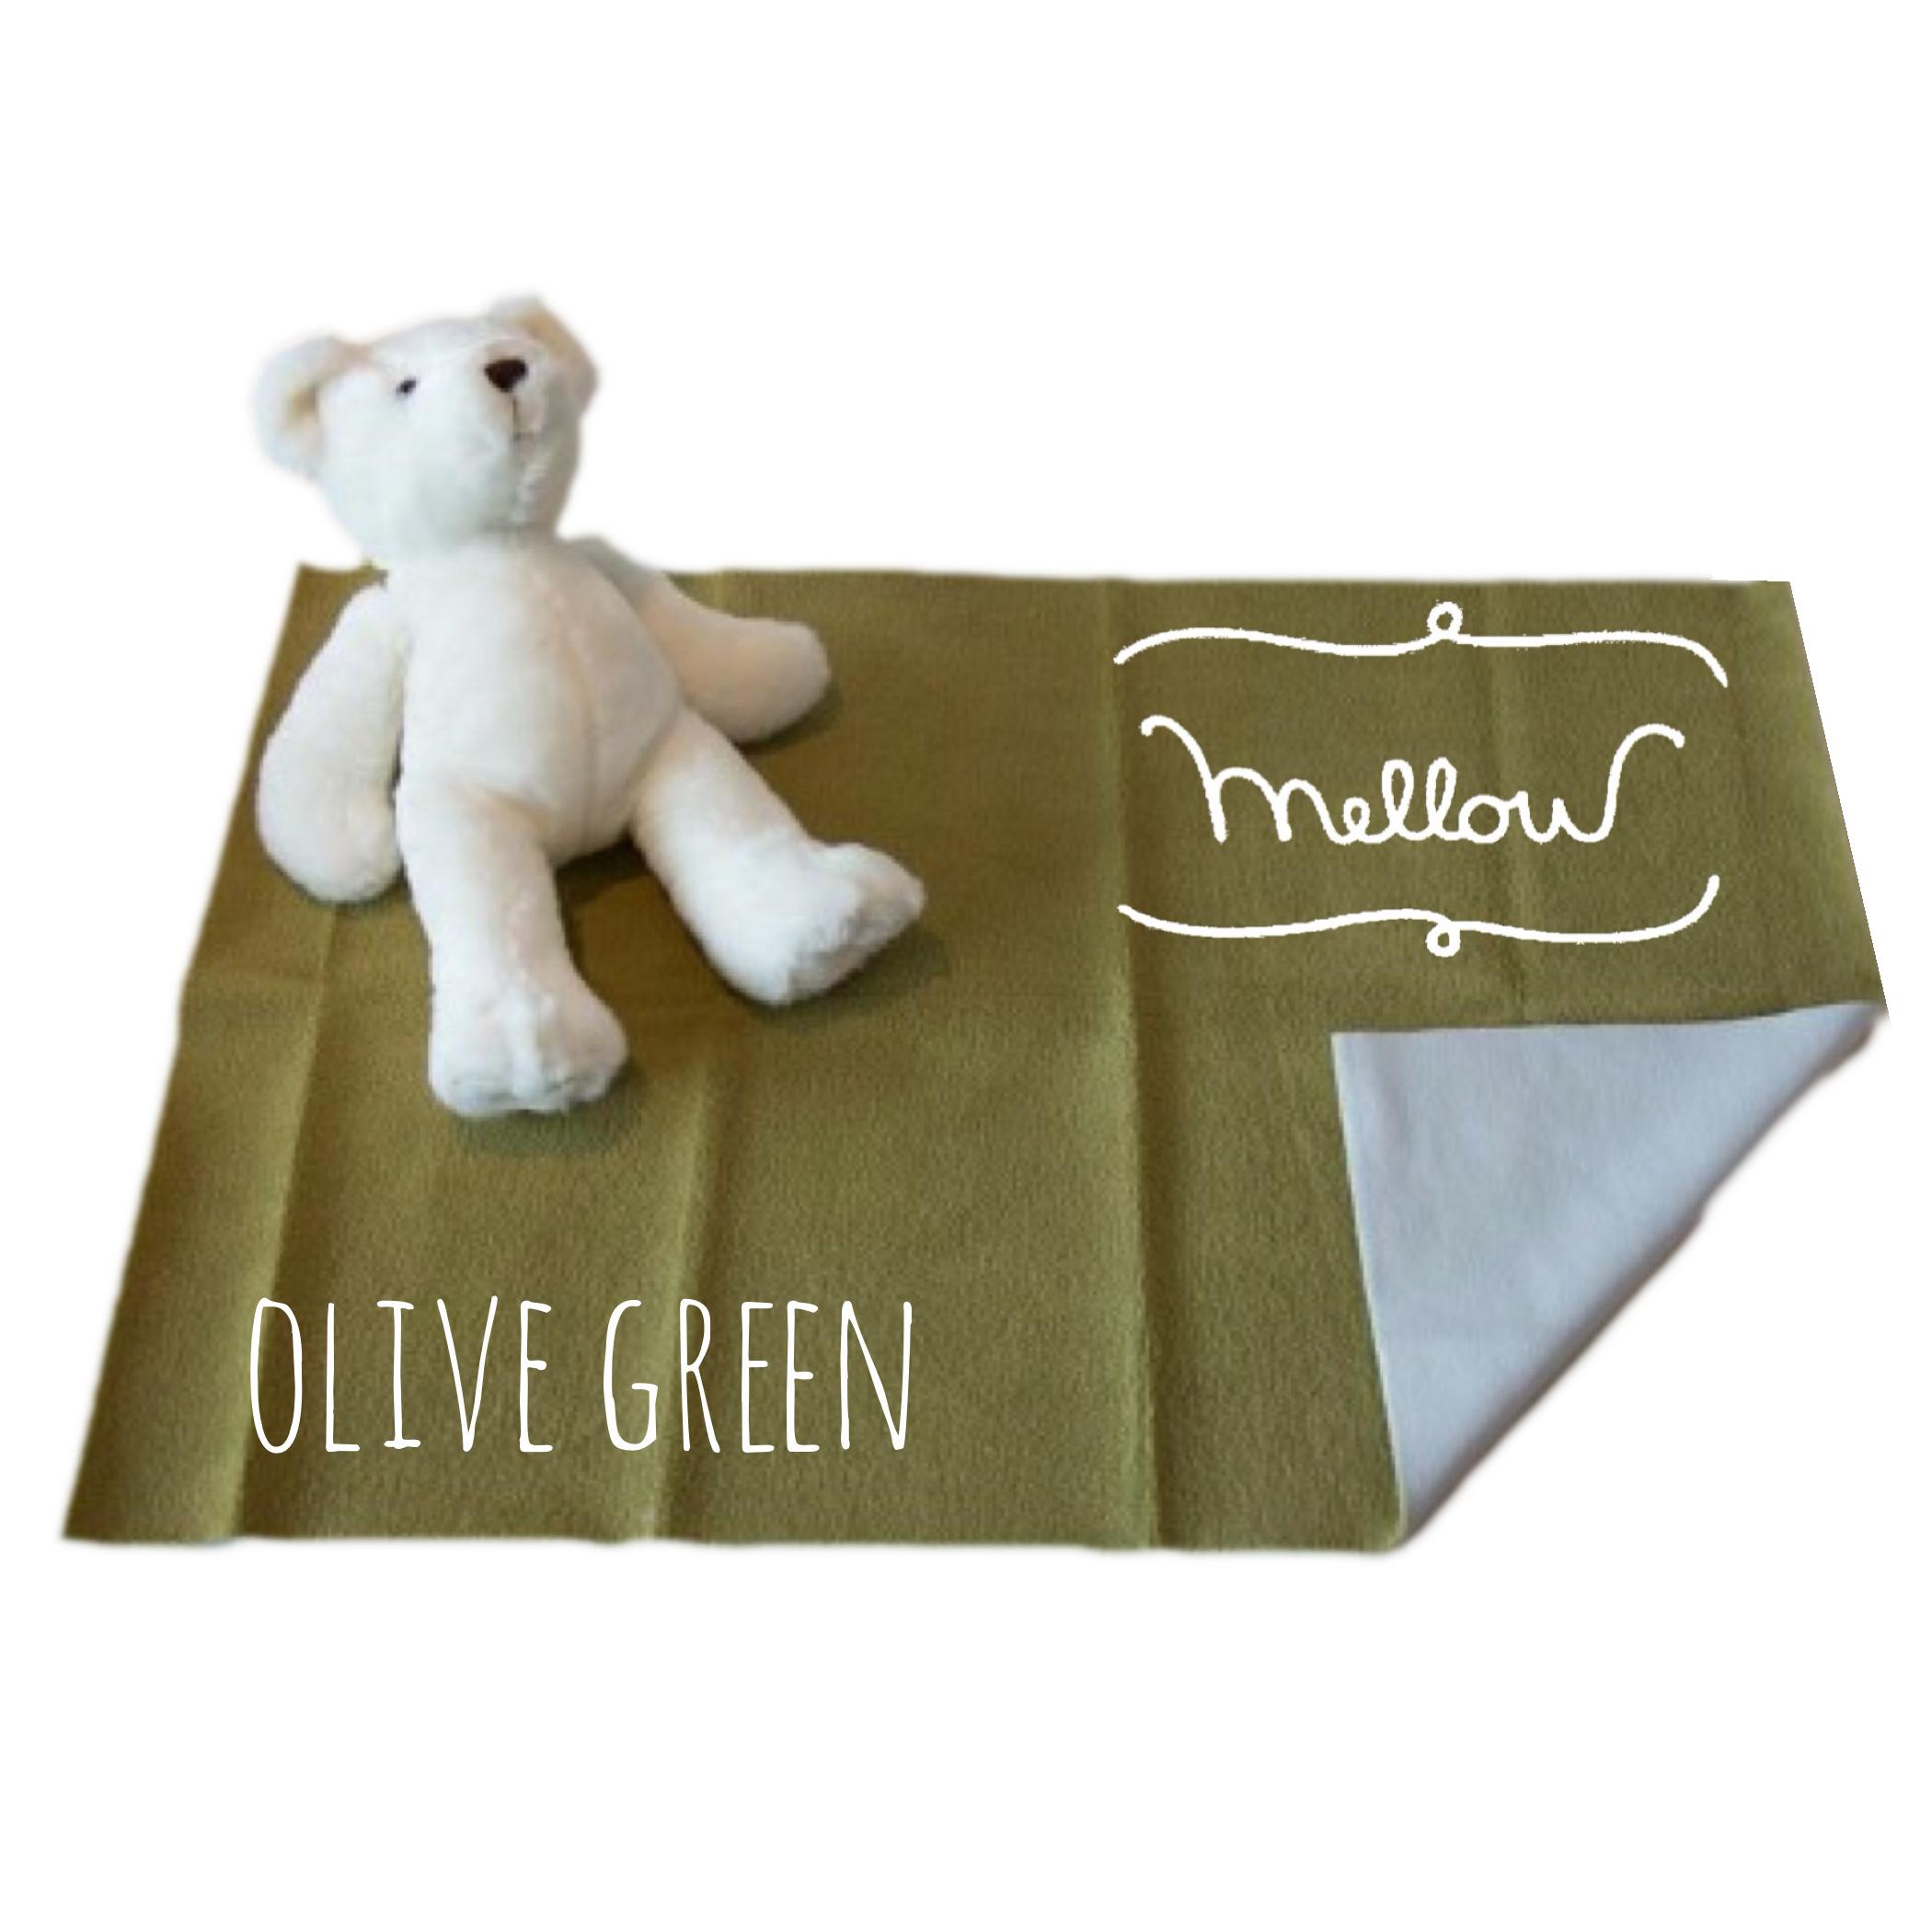 ผ้ารองกันฉี่ Mellow Quick dry SIZE S Olive